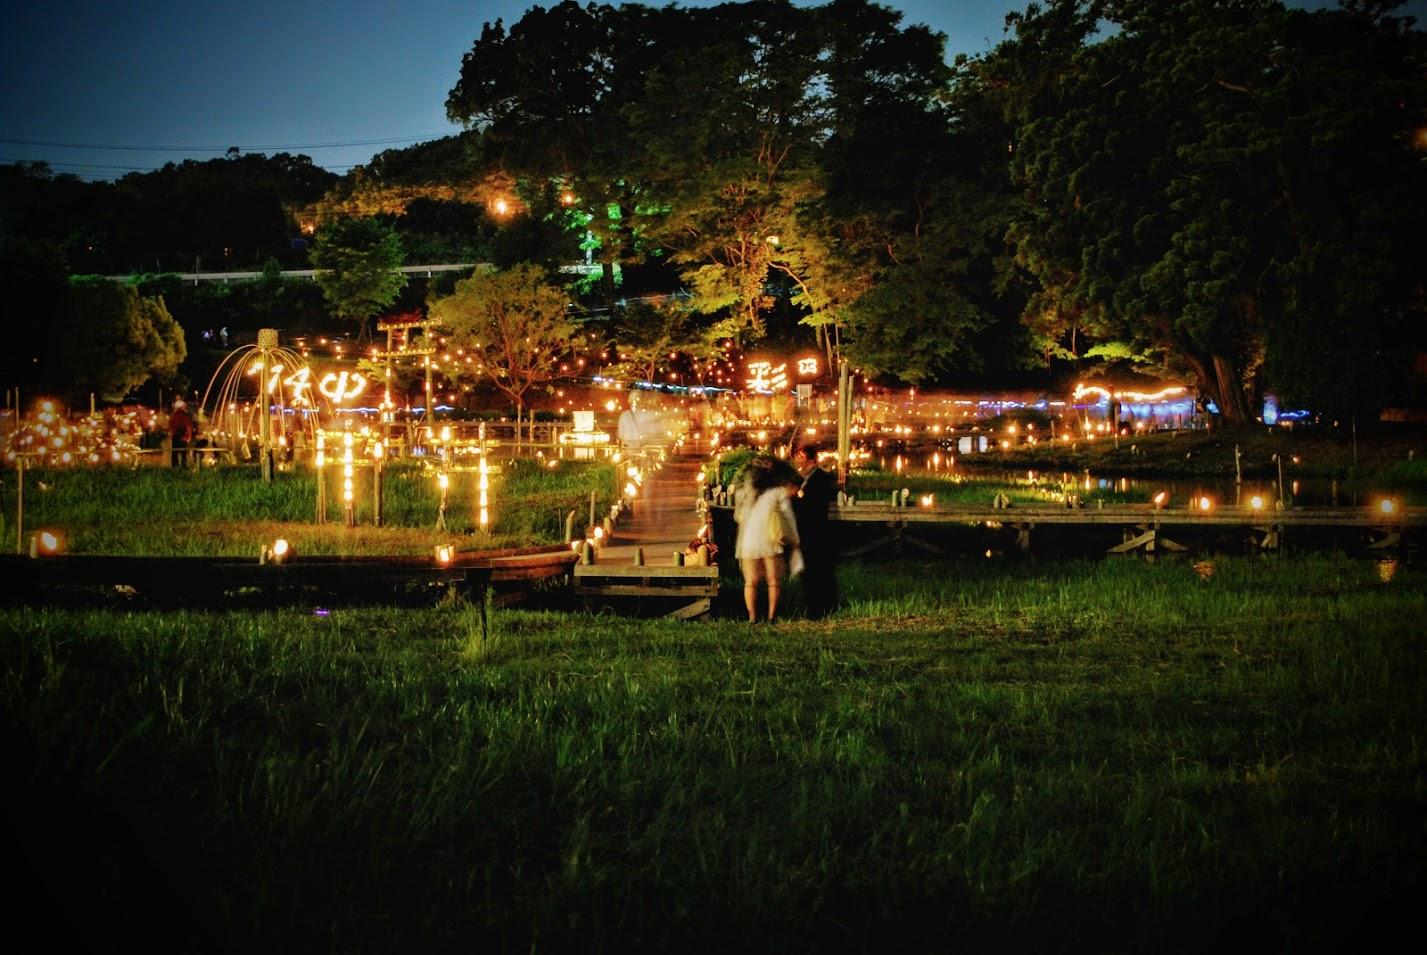 5月28日(土)は、中井町厳島湿生公園の『竹灯篭の夕べ』へ行こう!